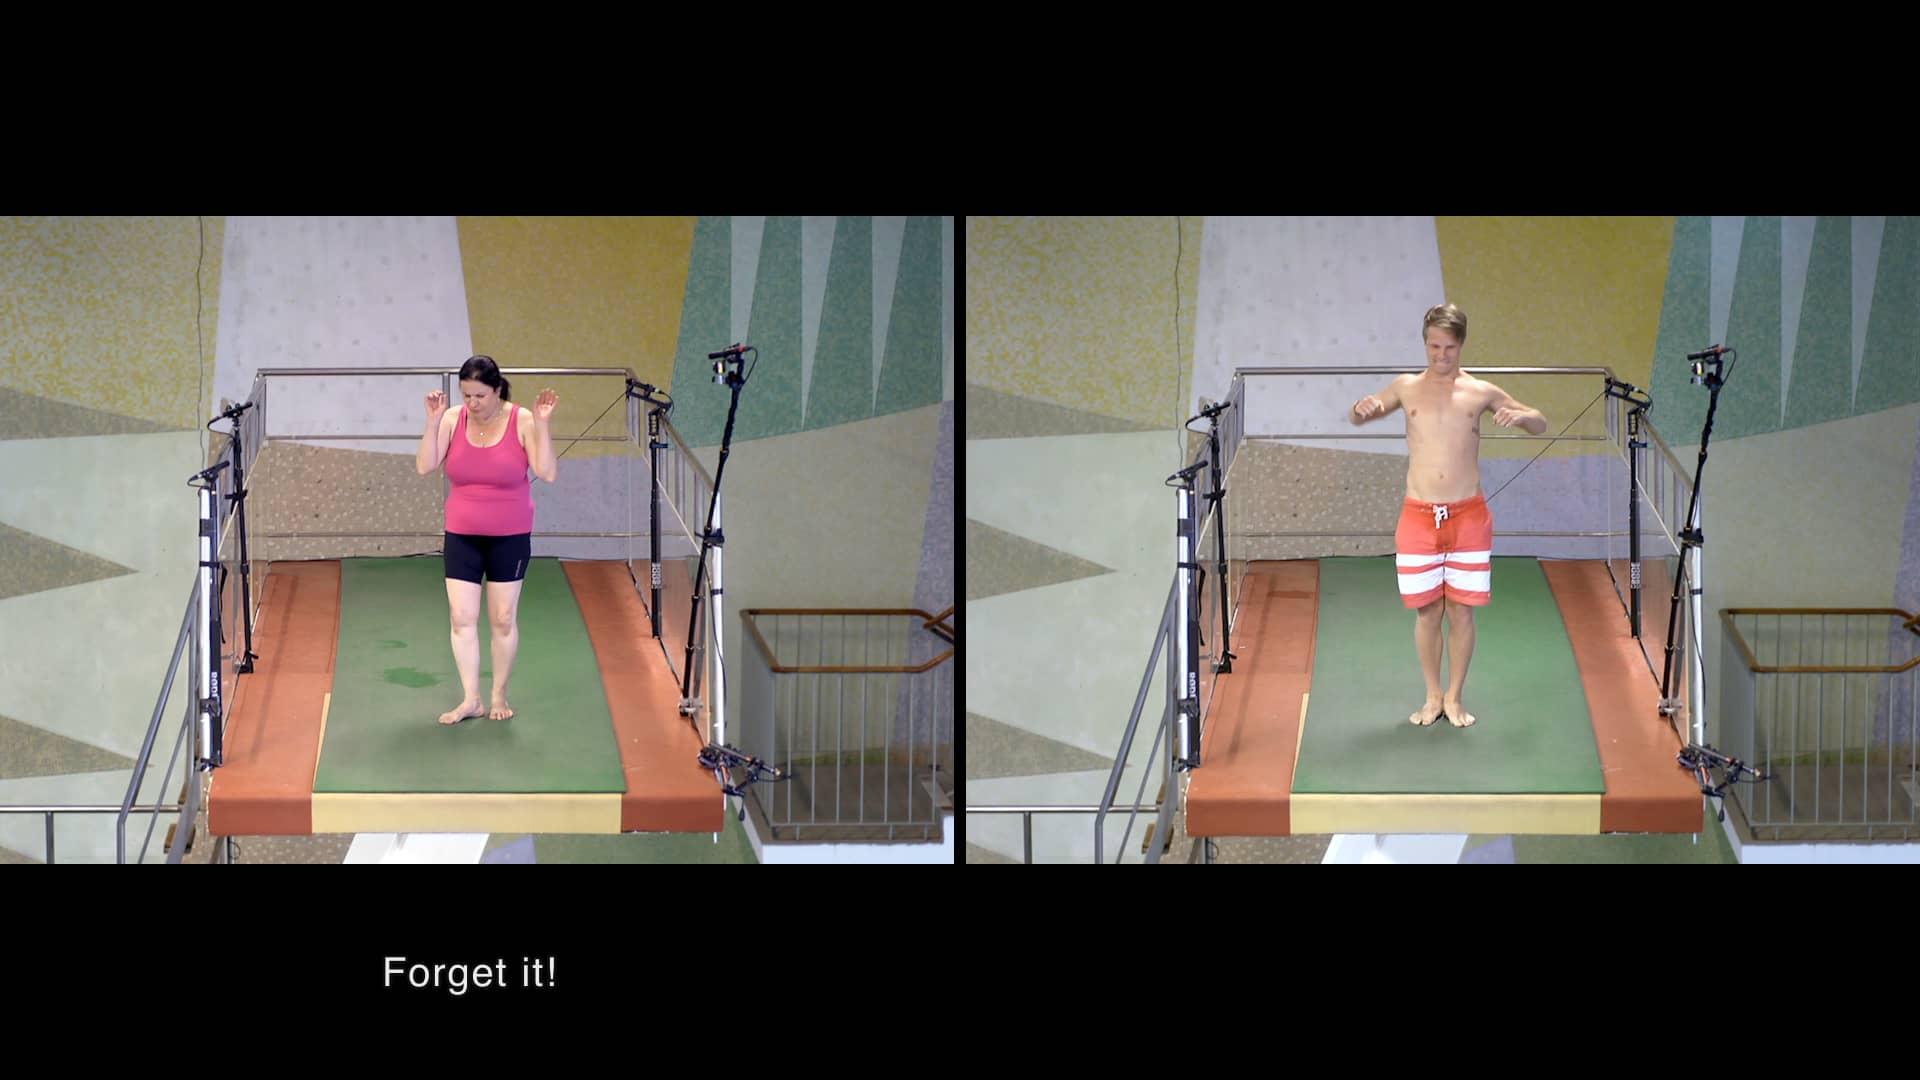 10 méterről vízbe csapódni - te leugranál?